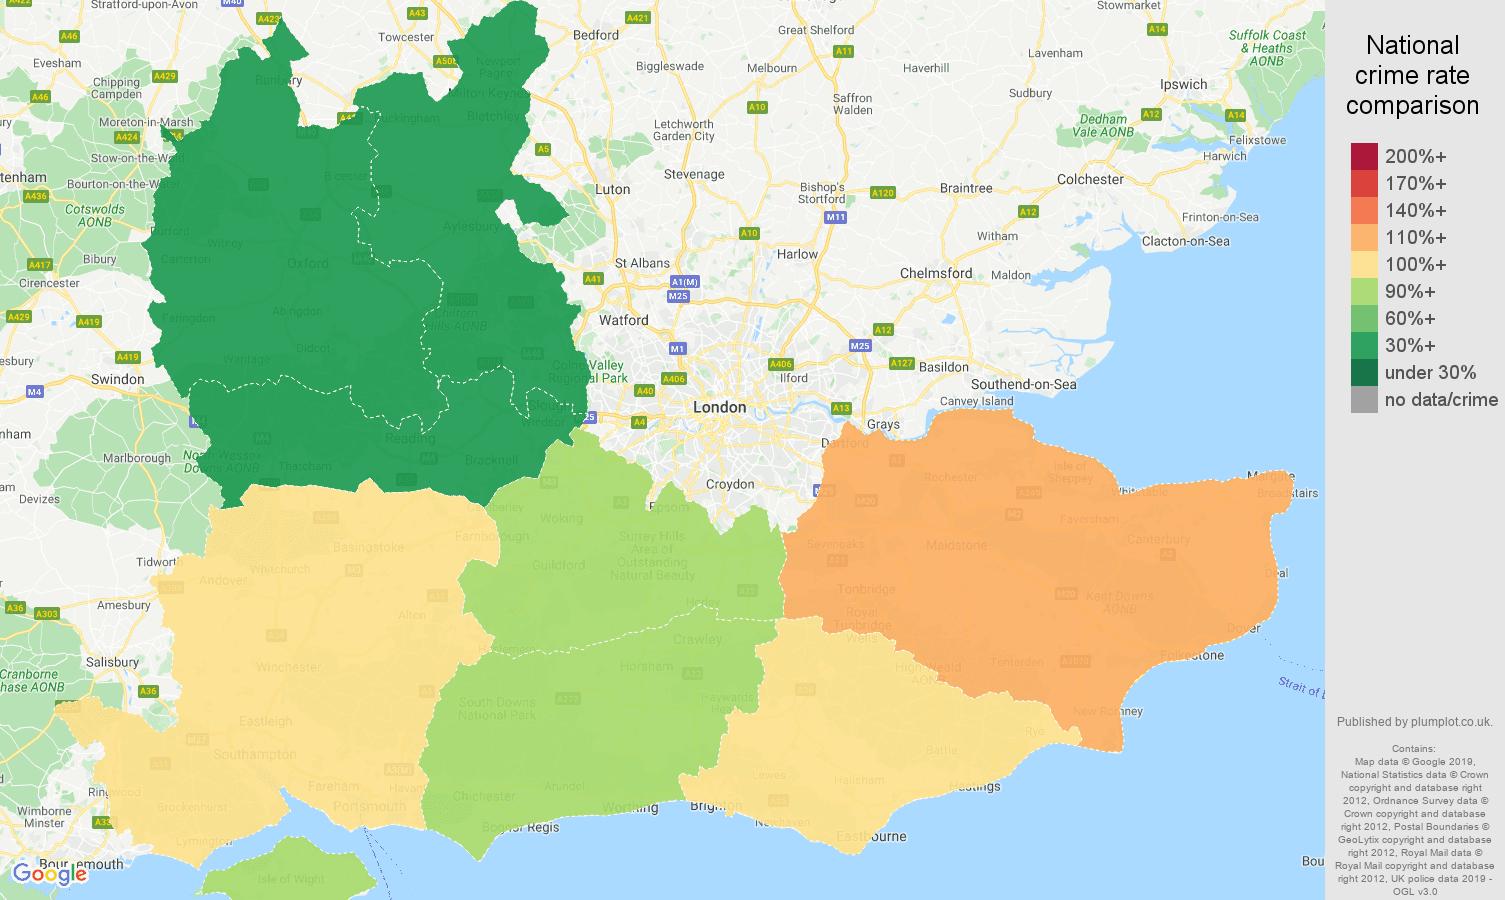 South East public order crime rate comparison map